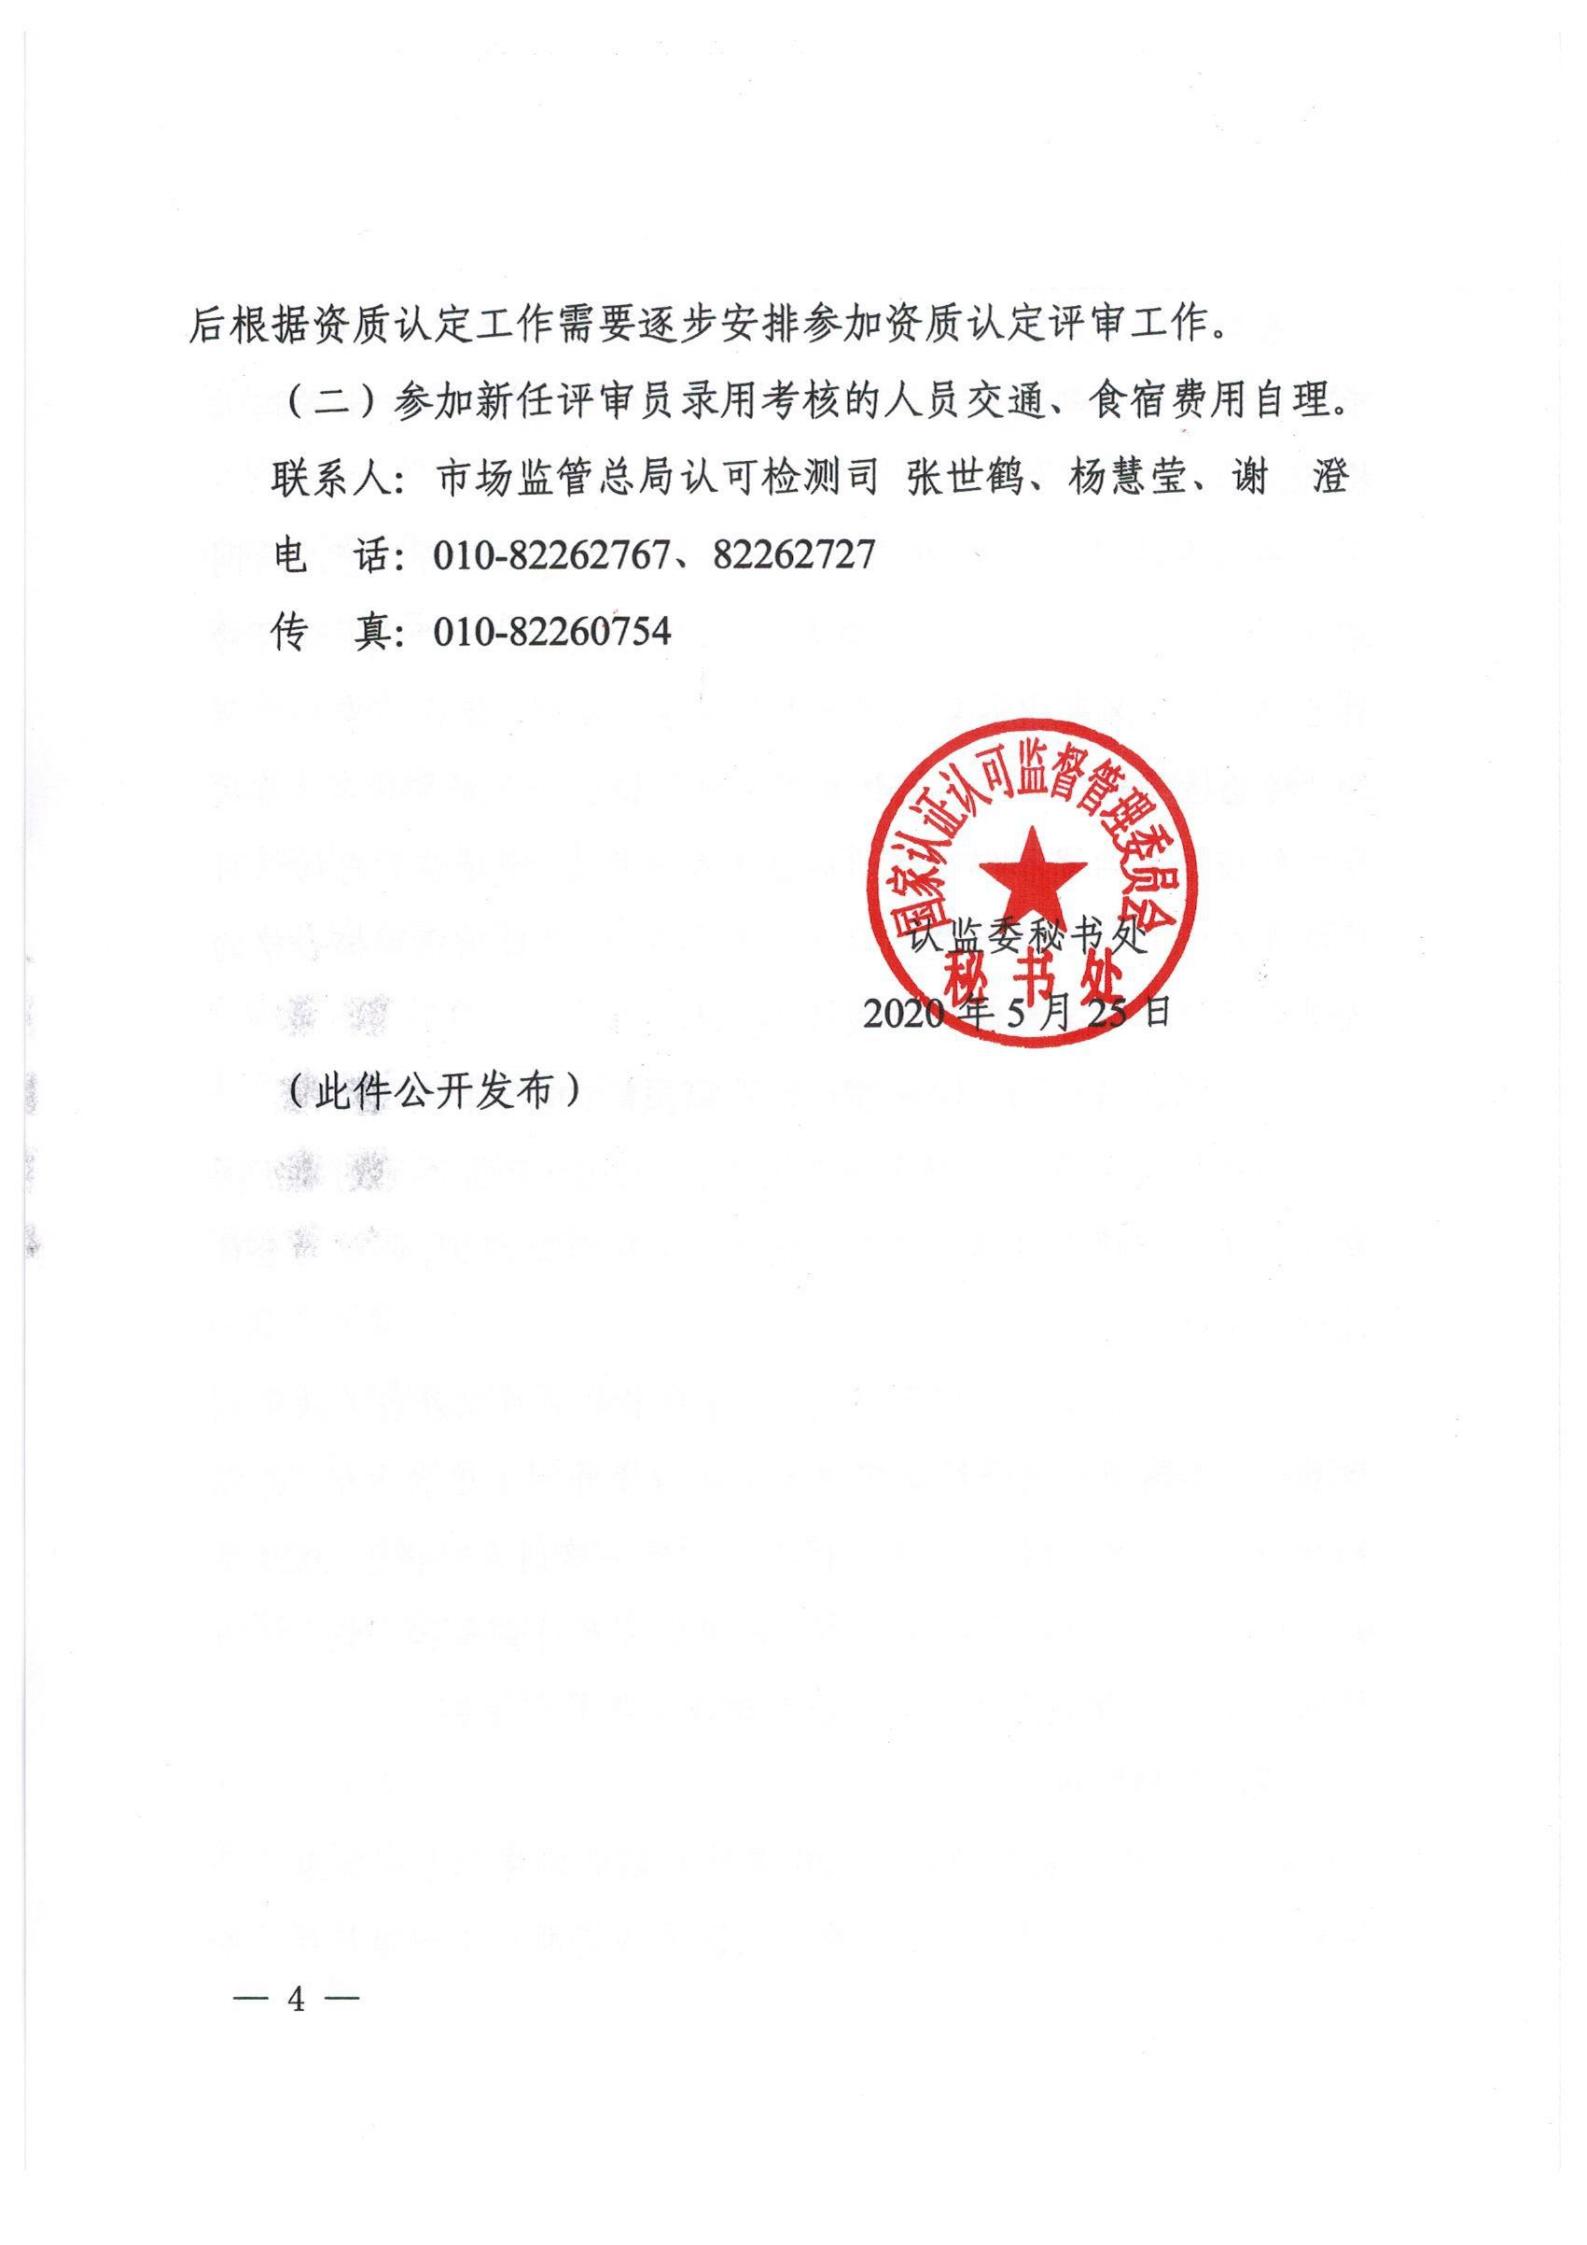 认监委秘书处关于开展2020年检验检测机构资质认定评审员考核的通知_03.png